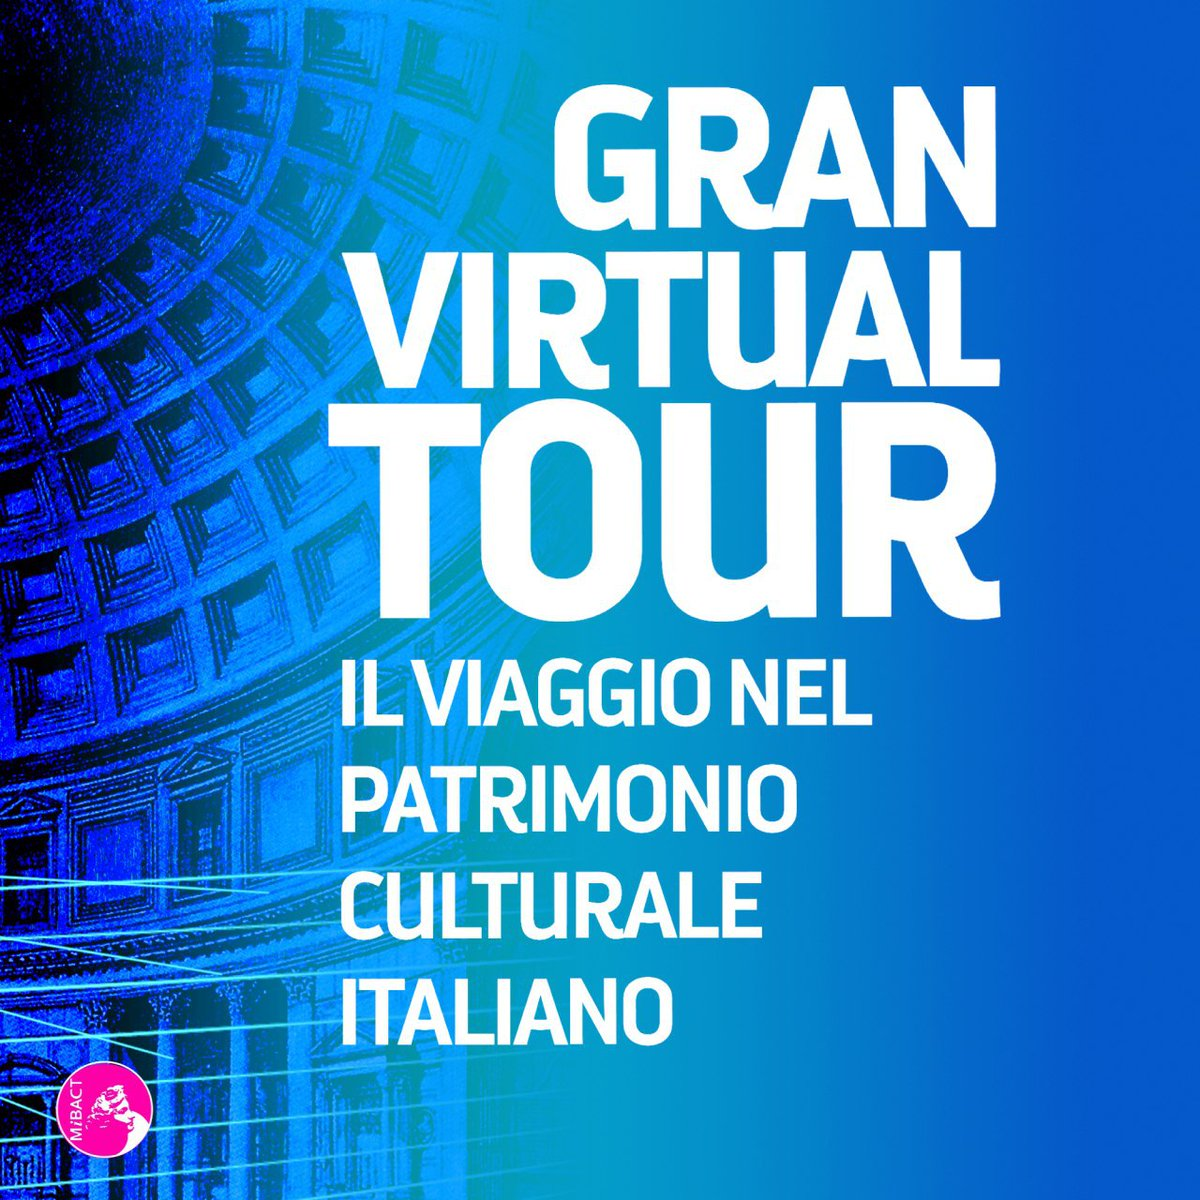 #Granvirtualtour